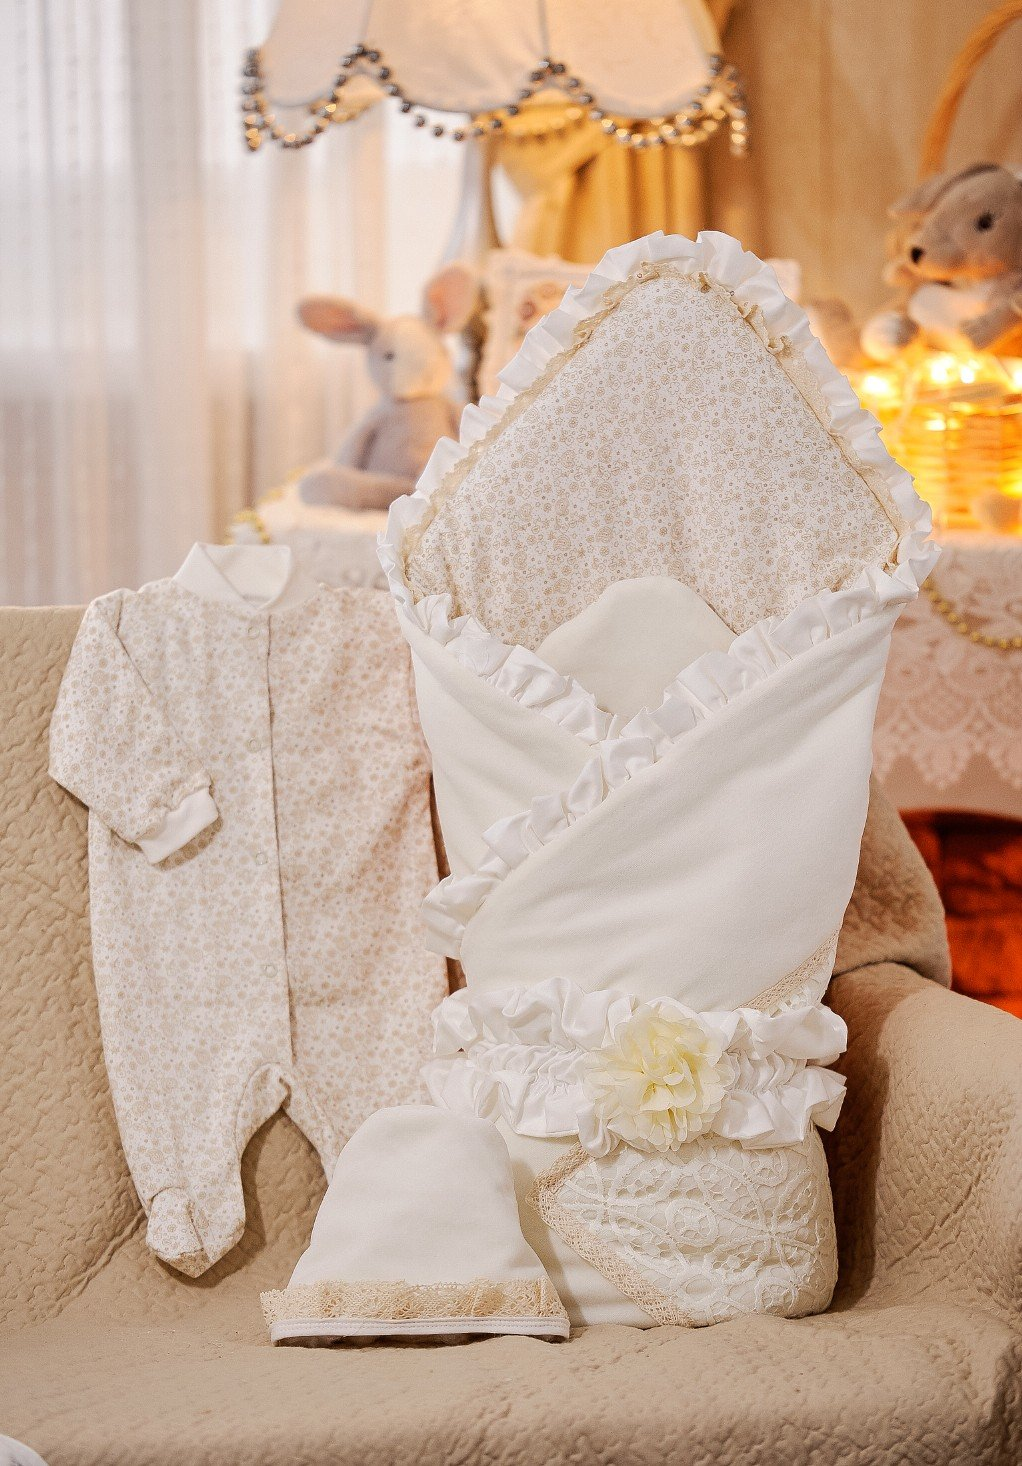 Комплект для новорожденного на выписку своими руками